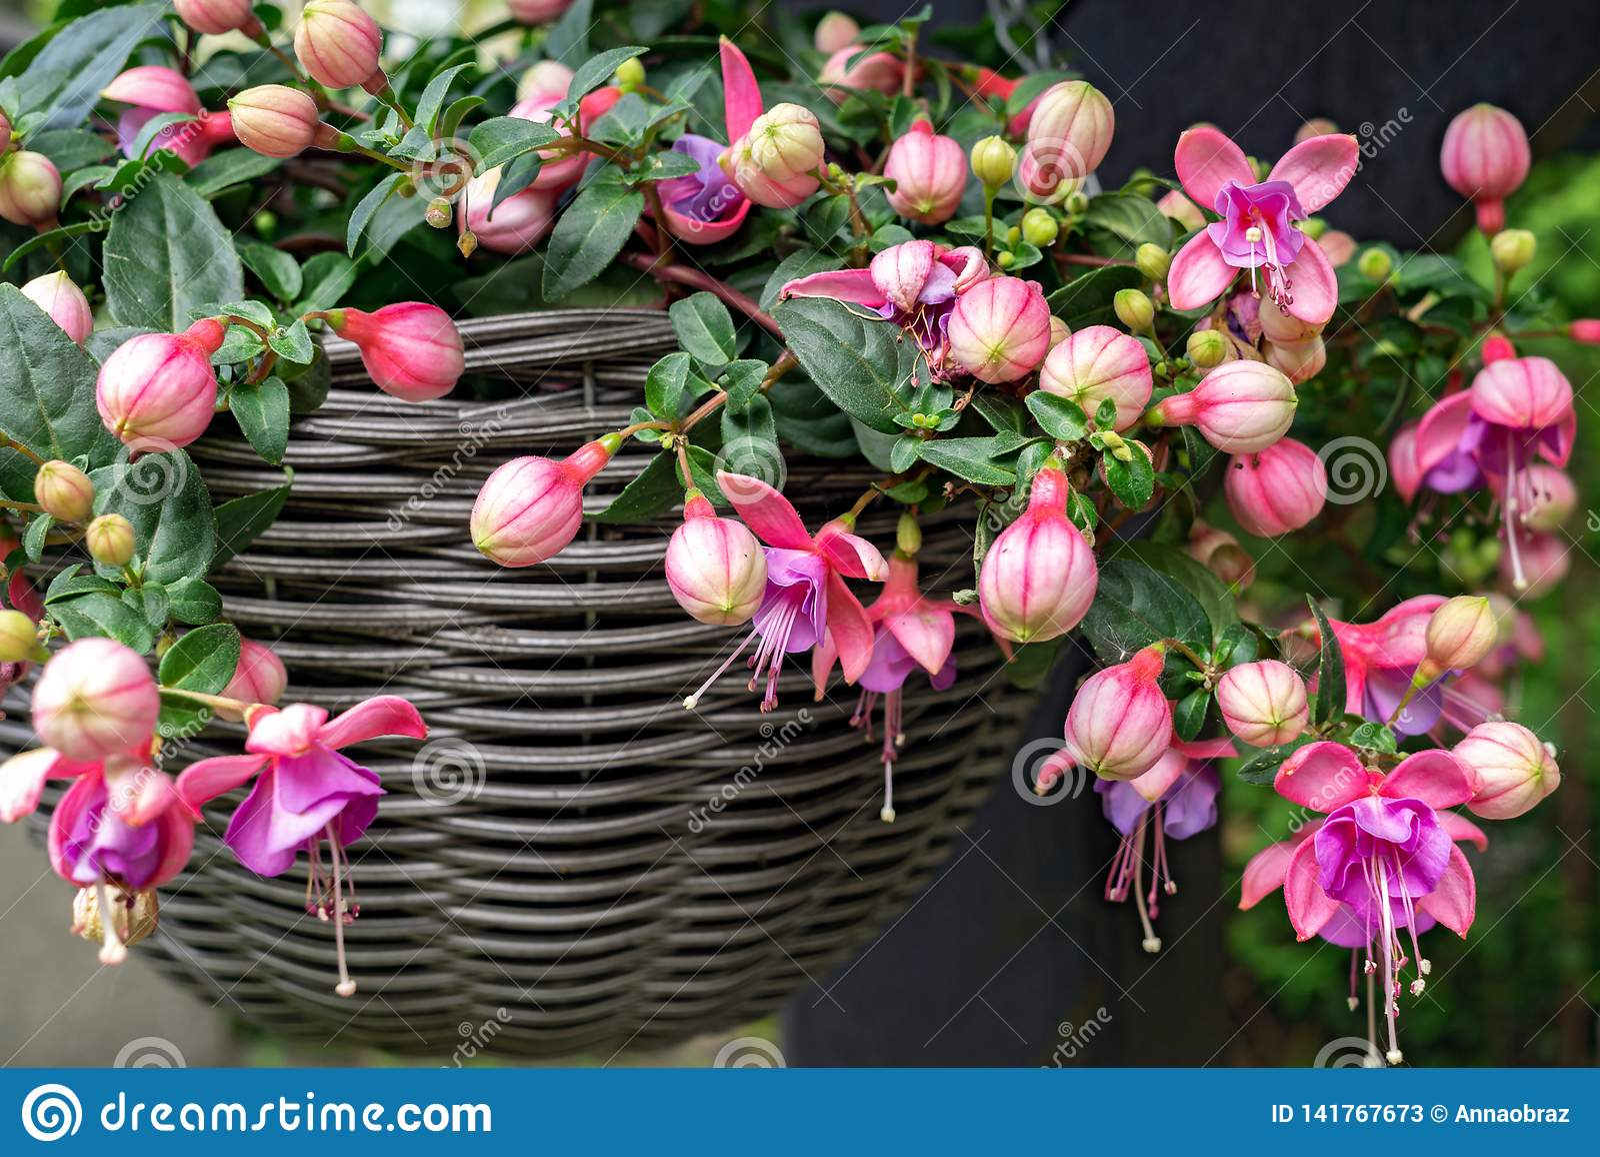 Beautiful fuchsia flowering plants in old wicker pot